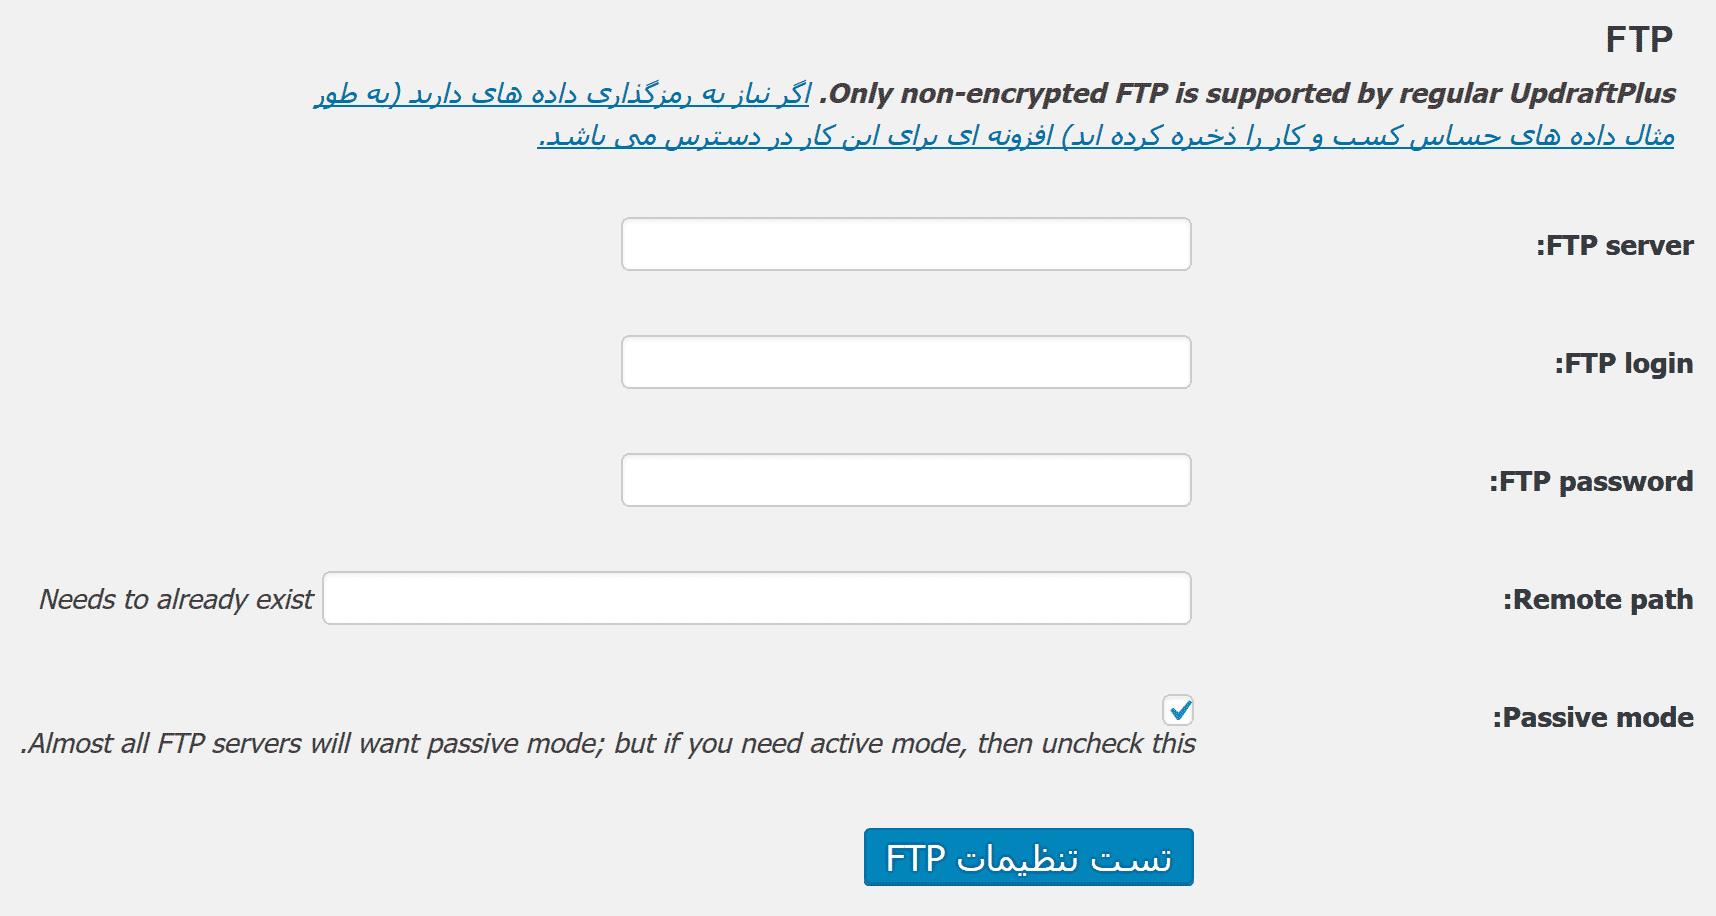 پشتیبان گیری از وردپرس با افزونه UpdraftPlus